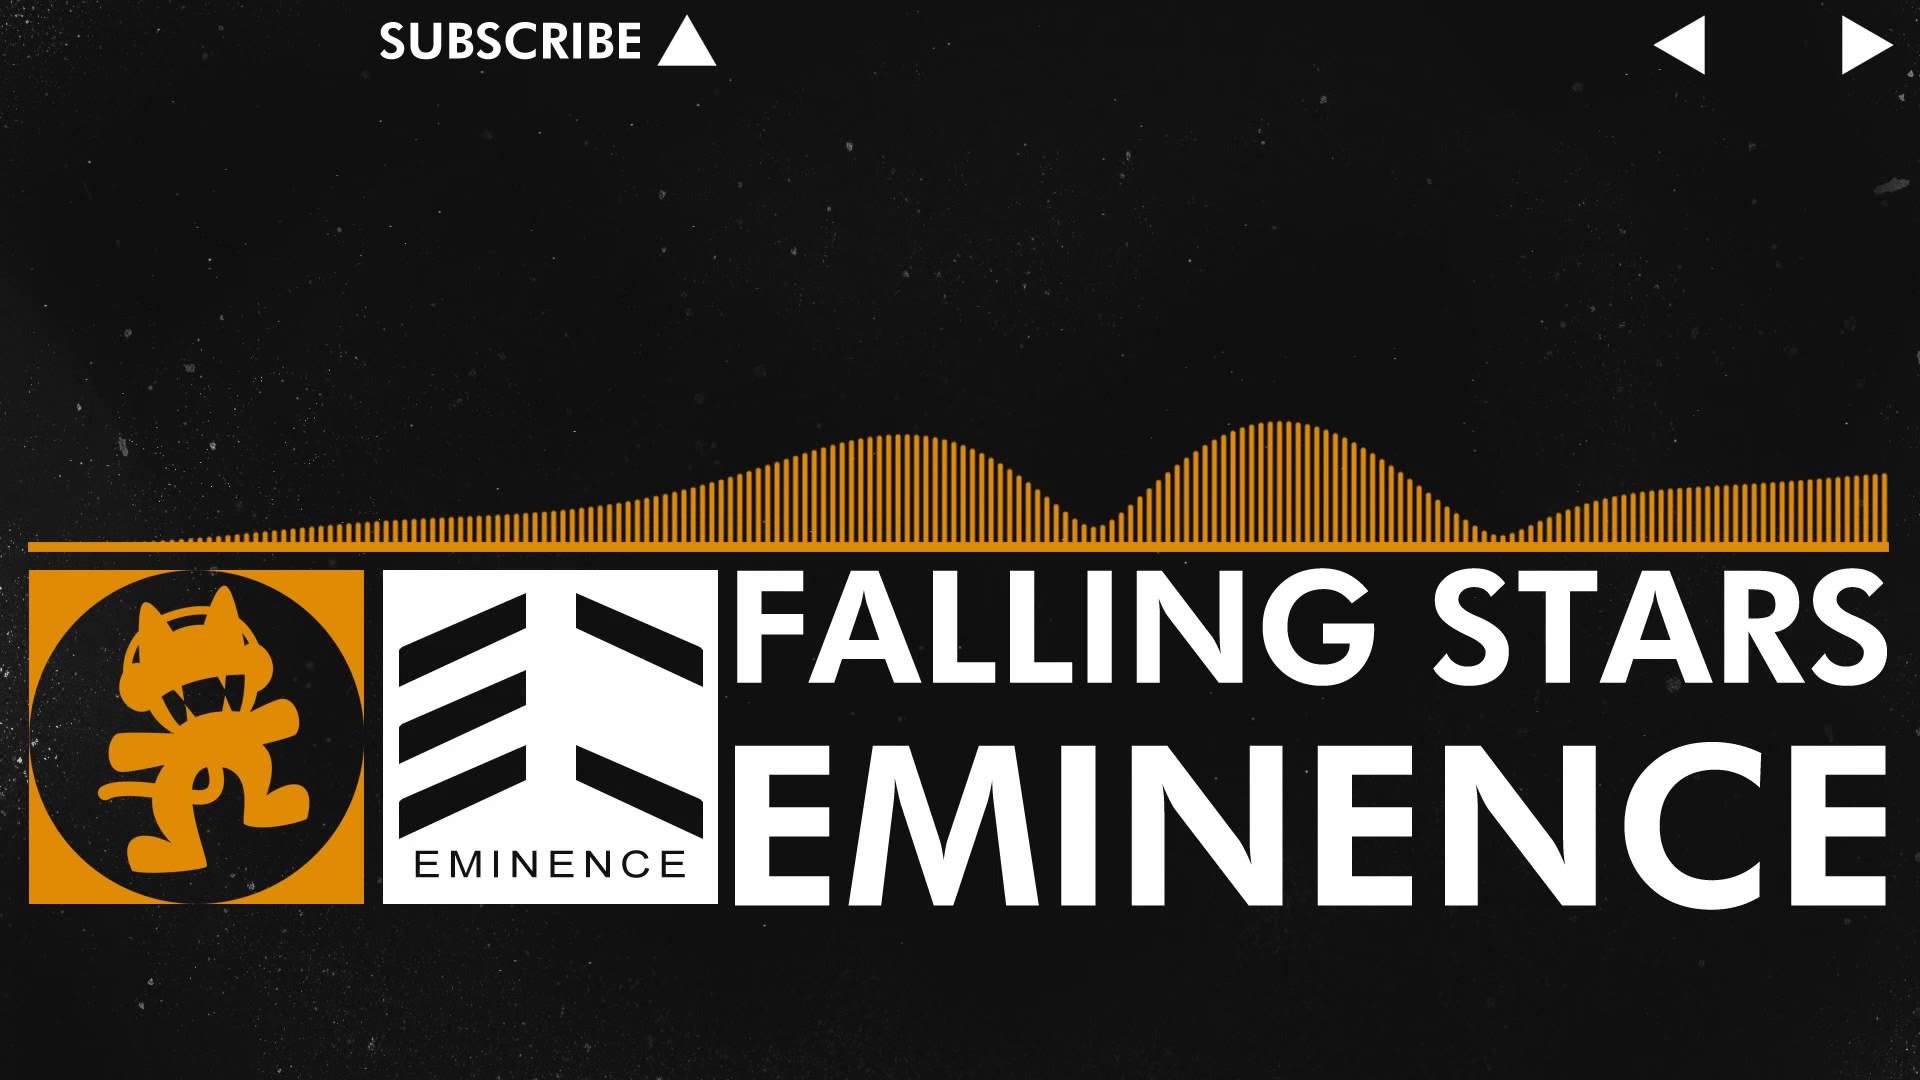 [House] - Eminence - Falling Stars [Monstercat Release]